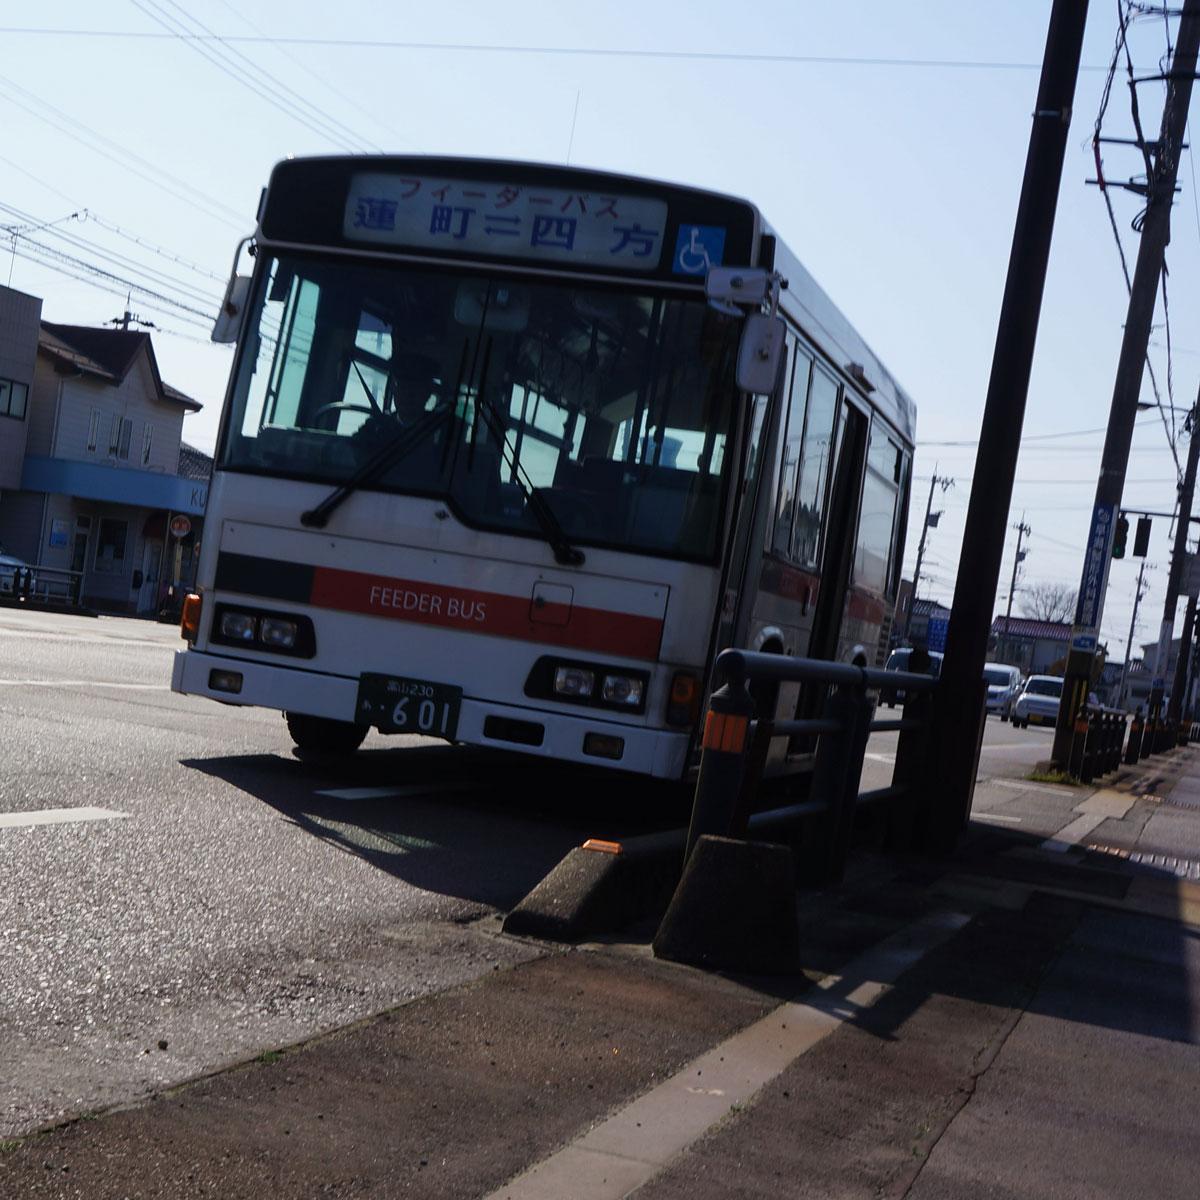 f:id:fukuitabi:20200320202659j:plain